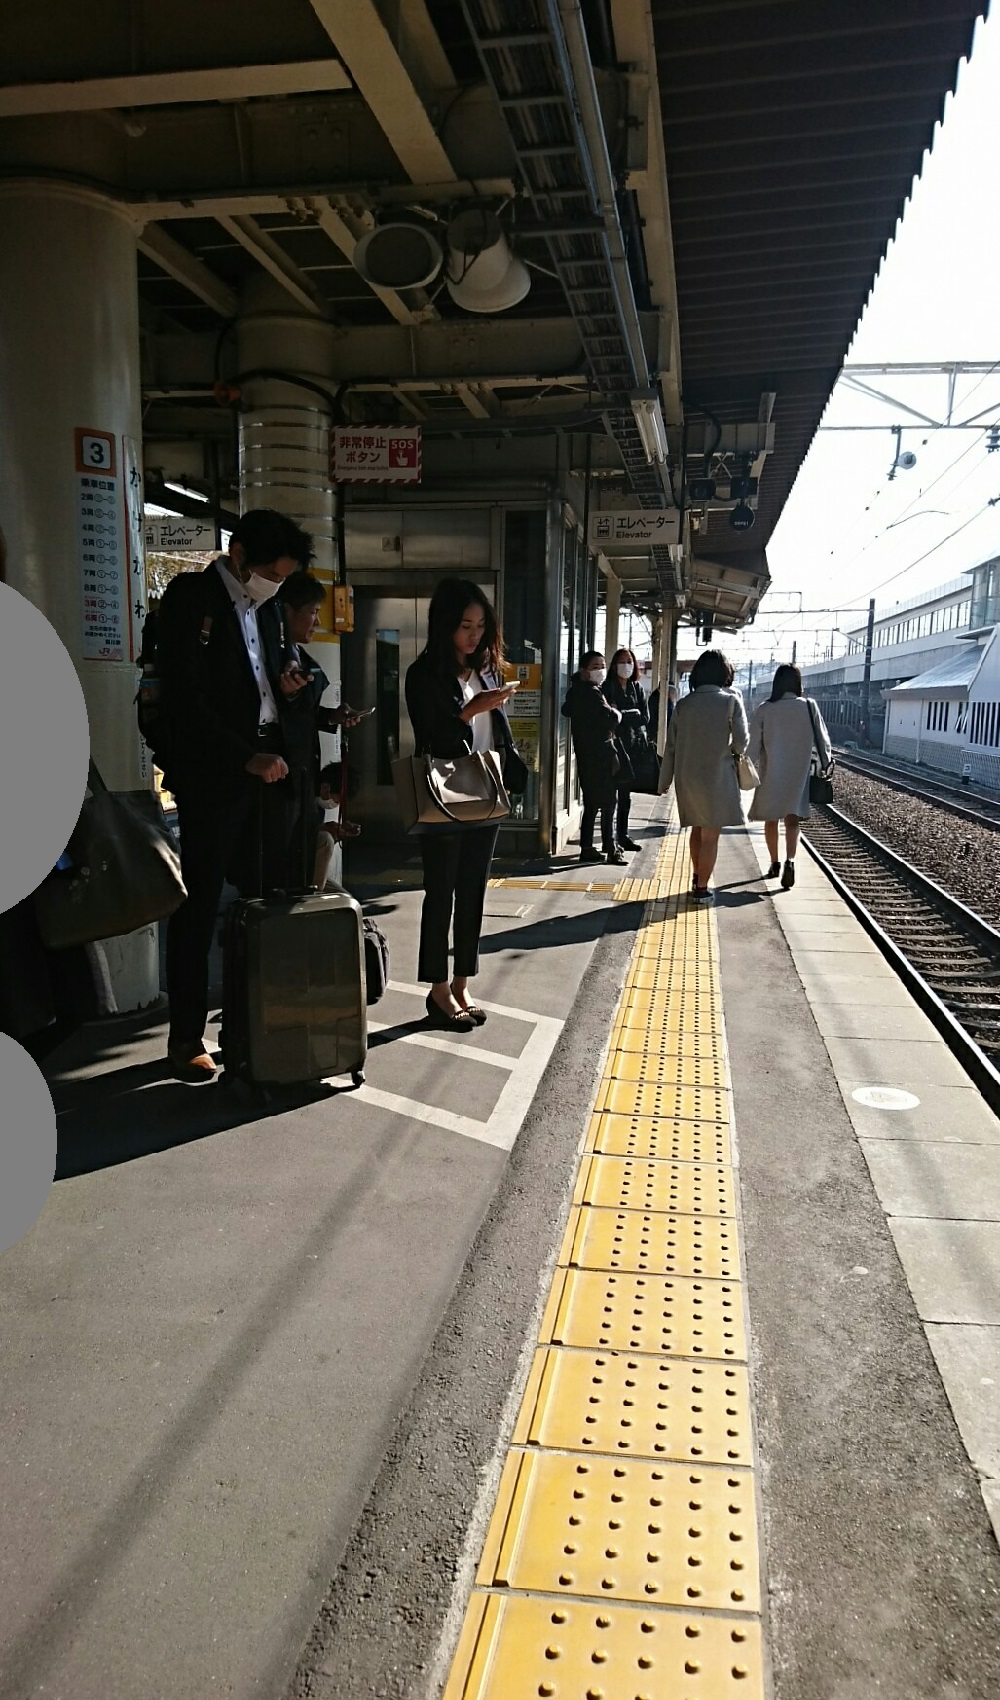 2018.3.28 金谷まで (30) 掛川 - 3番のりば 1000-1700